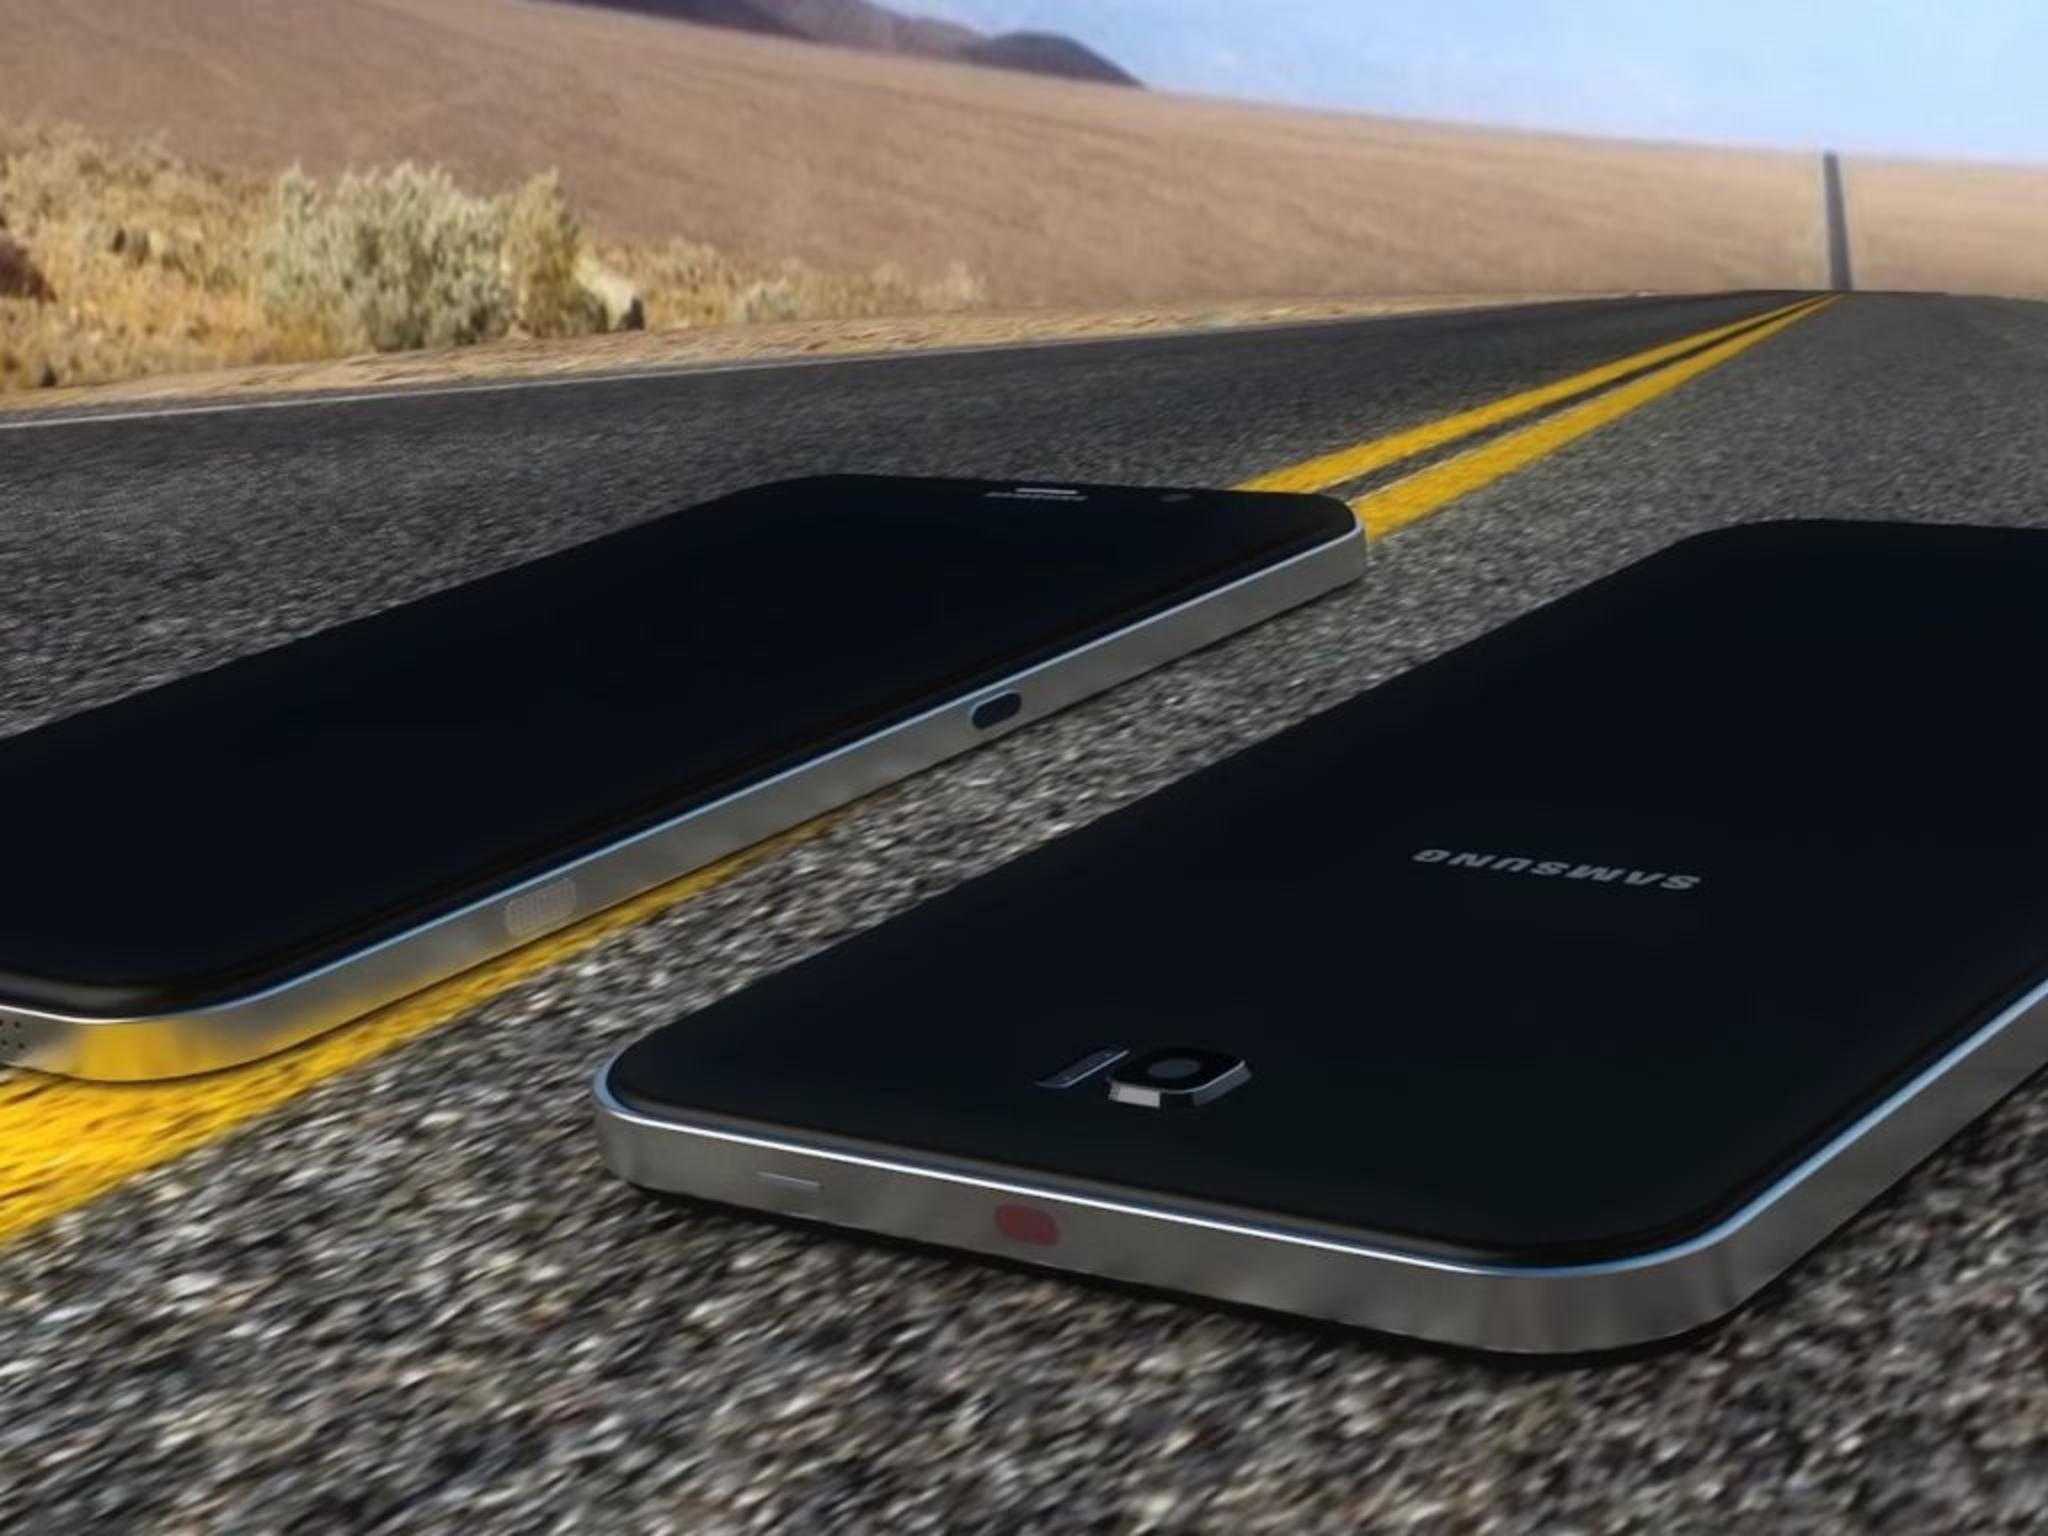 Samsung Galaxy S7: Mit Snapdragon 820 auf die Überholspur?